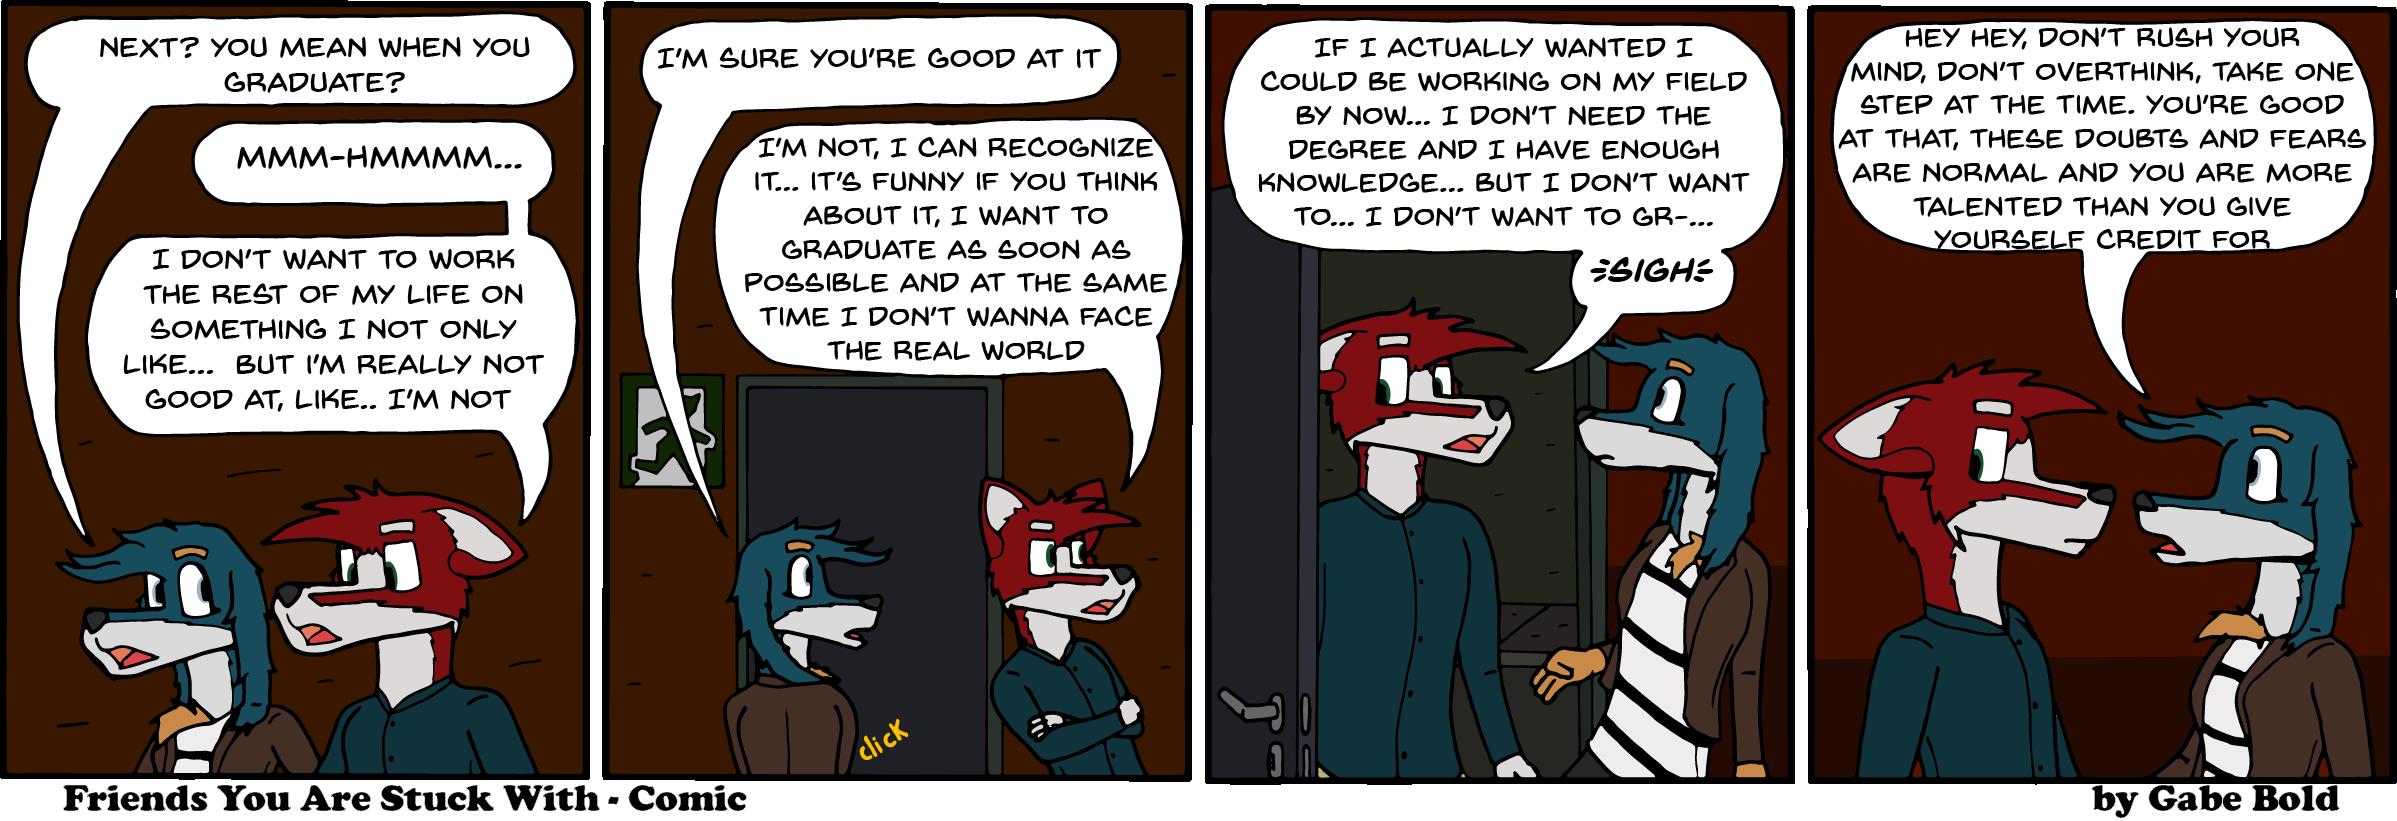 The Inevitable dread of adulthood